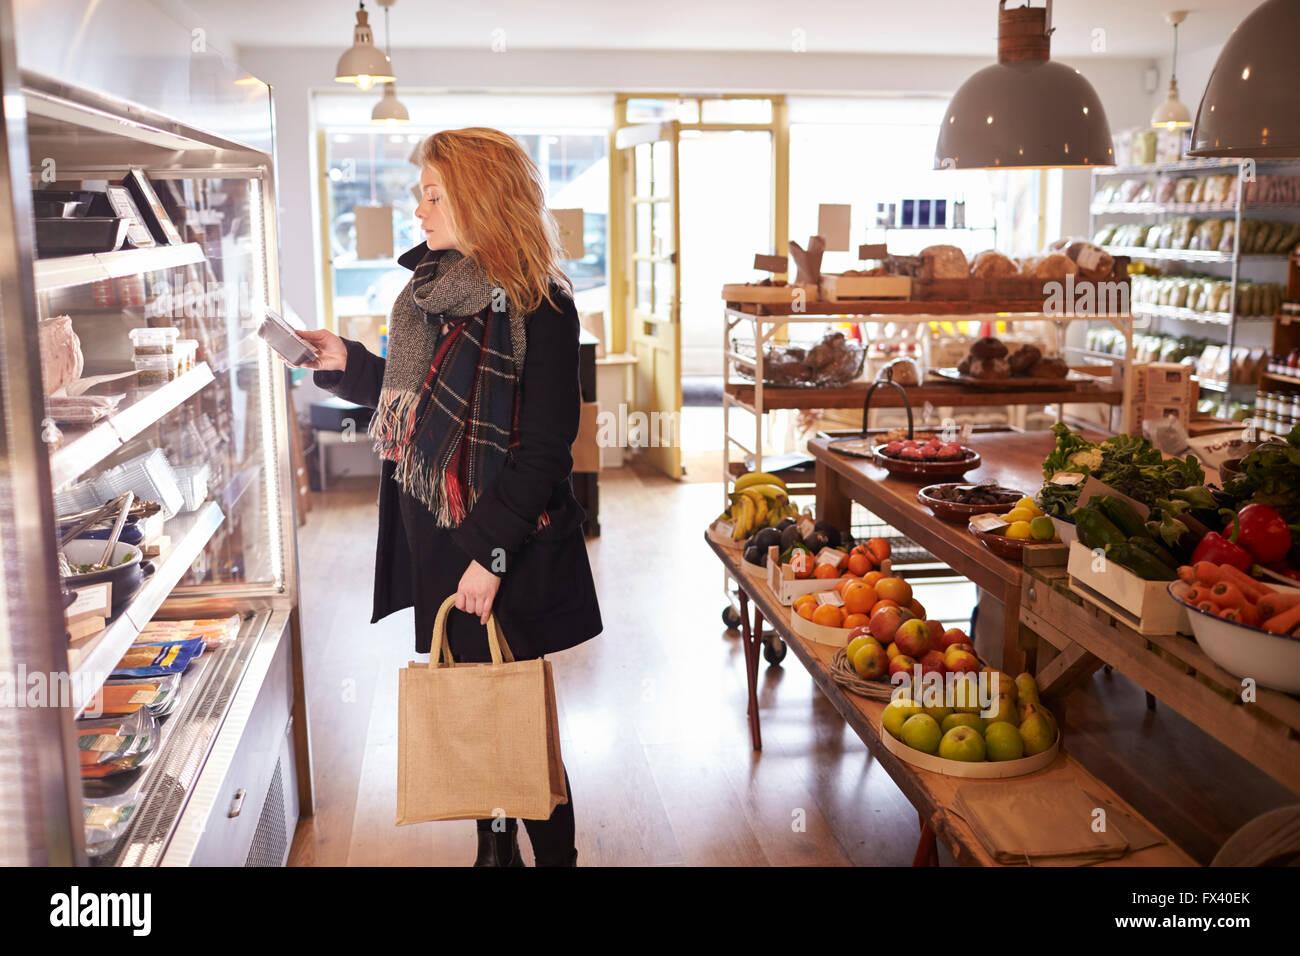 Mujer mirando en pantalla refrigerados de delicatessen Imagen De Stock